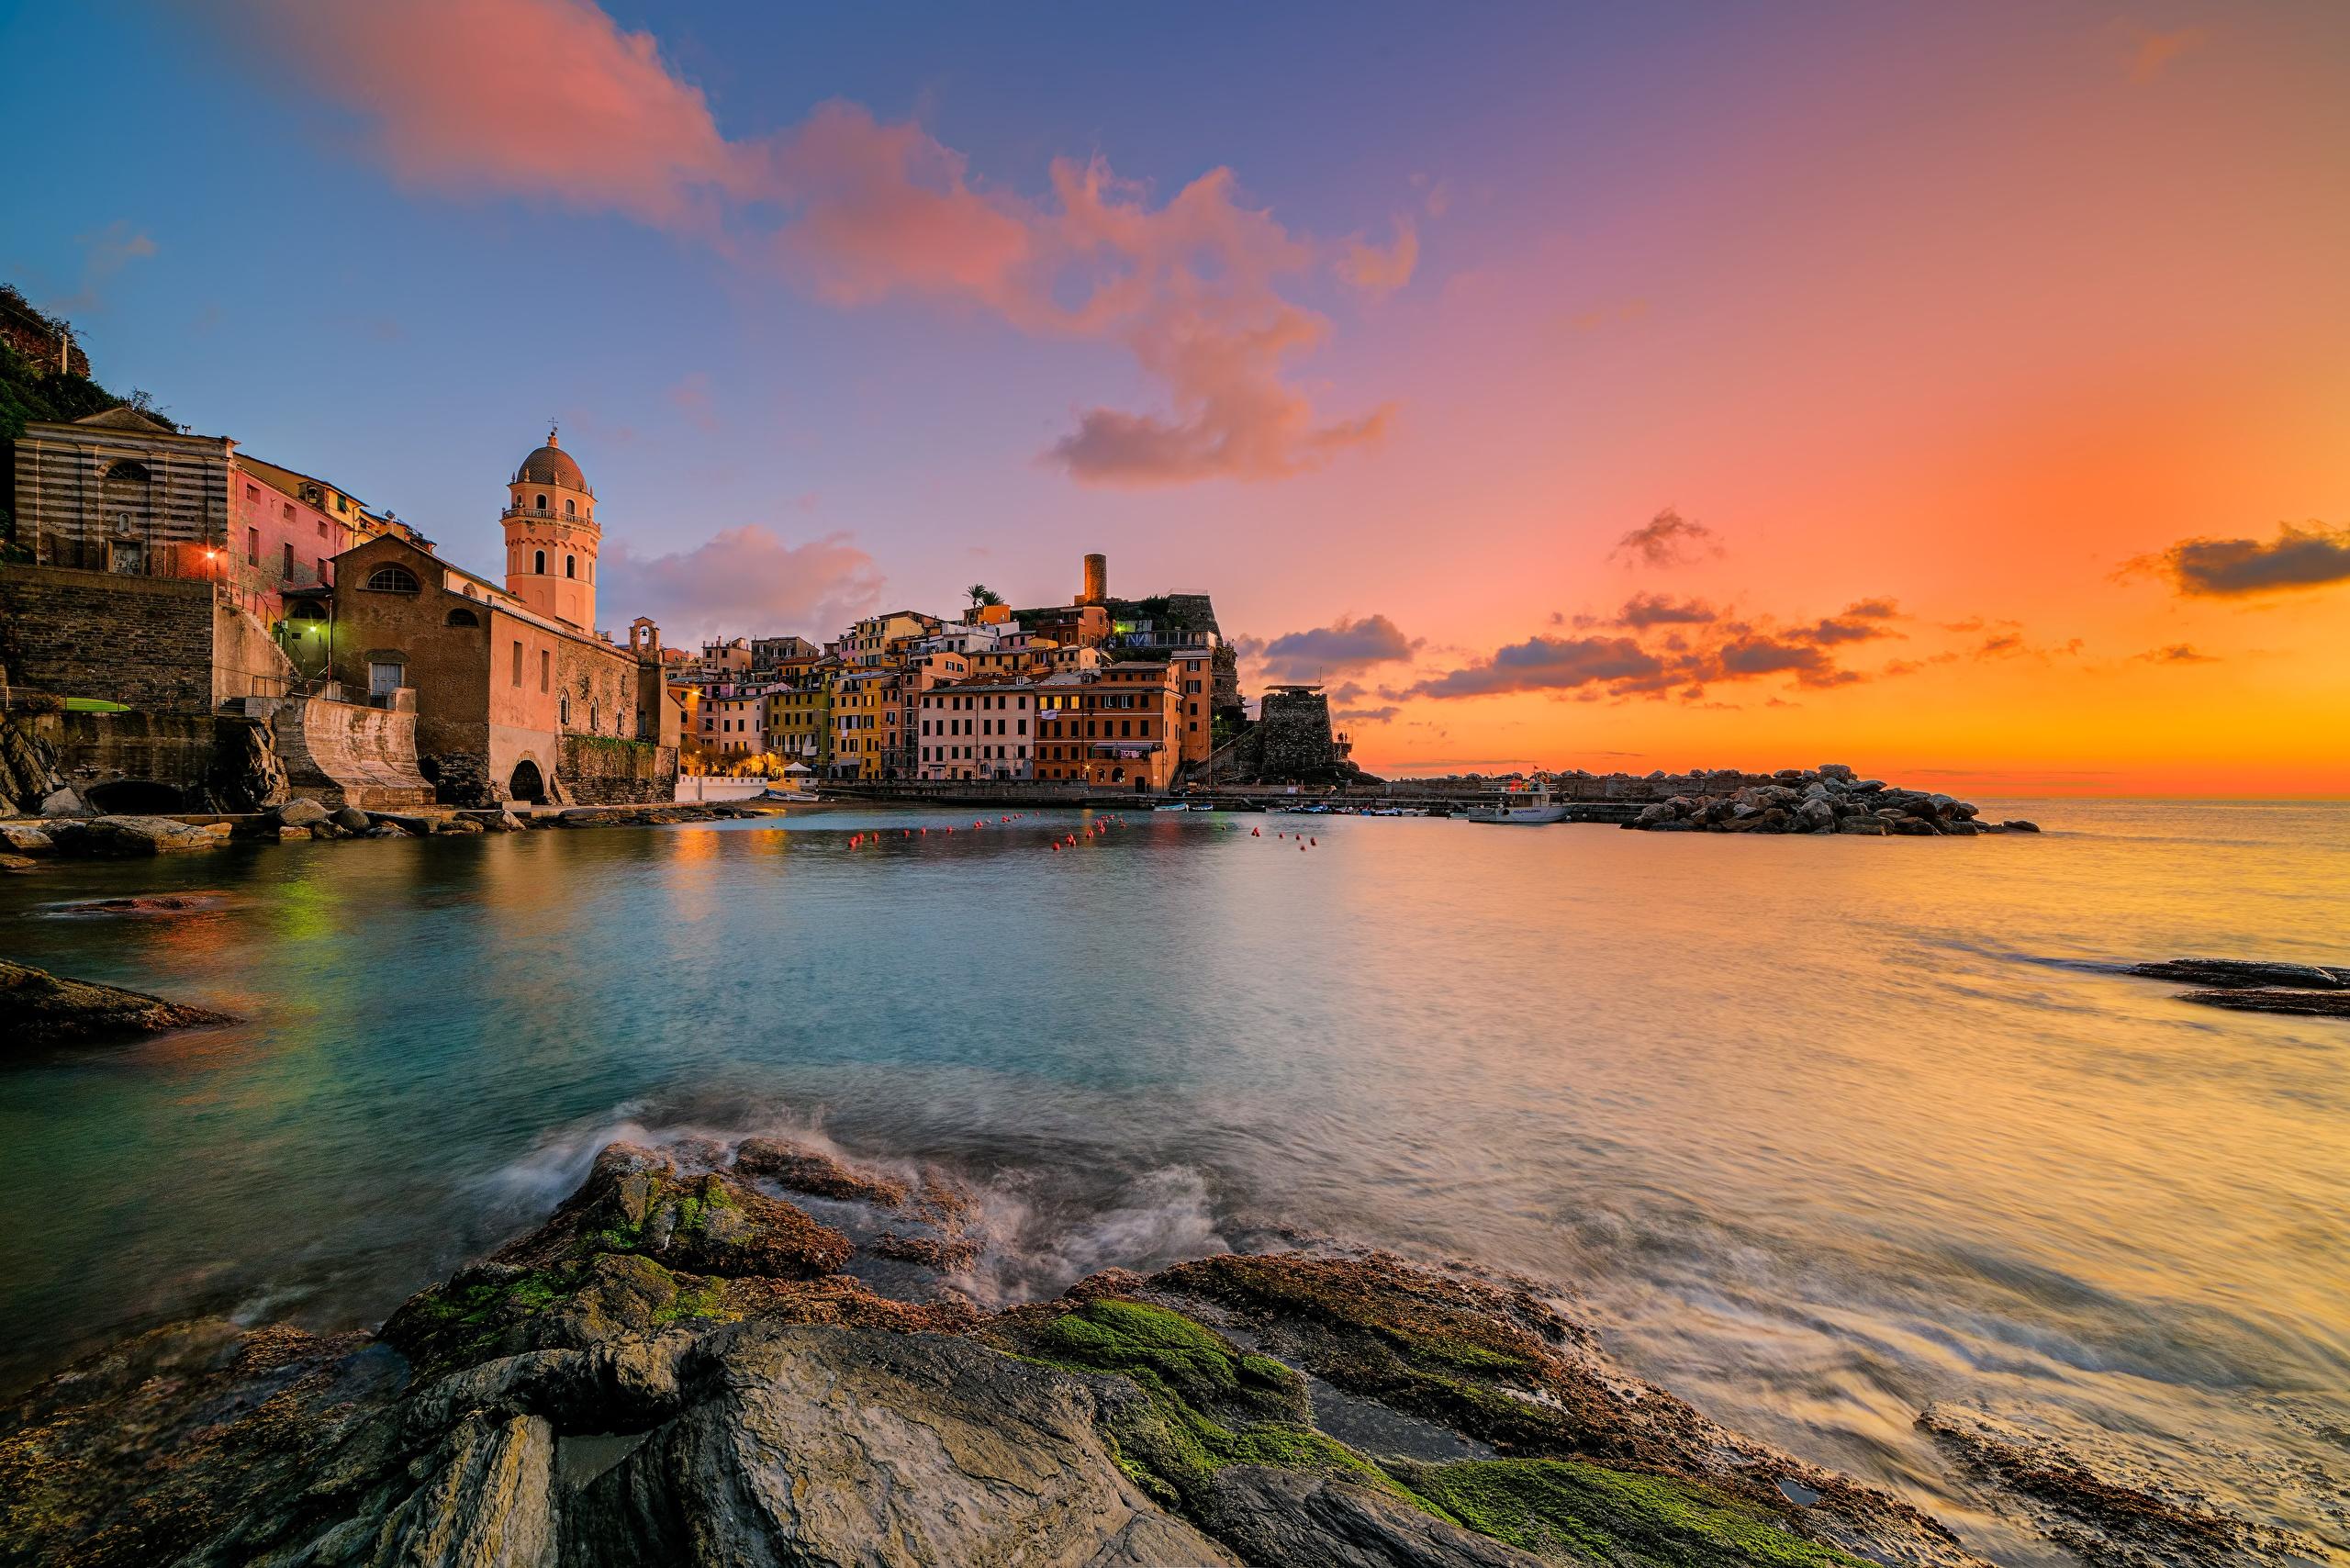 Coast_Houses_Italy_Sea_510360